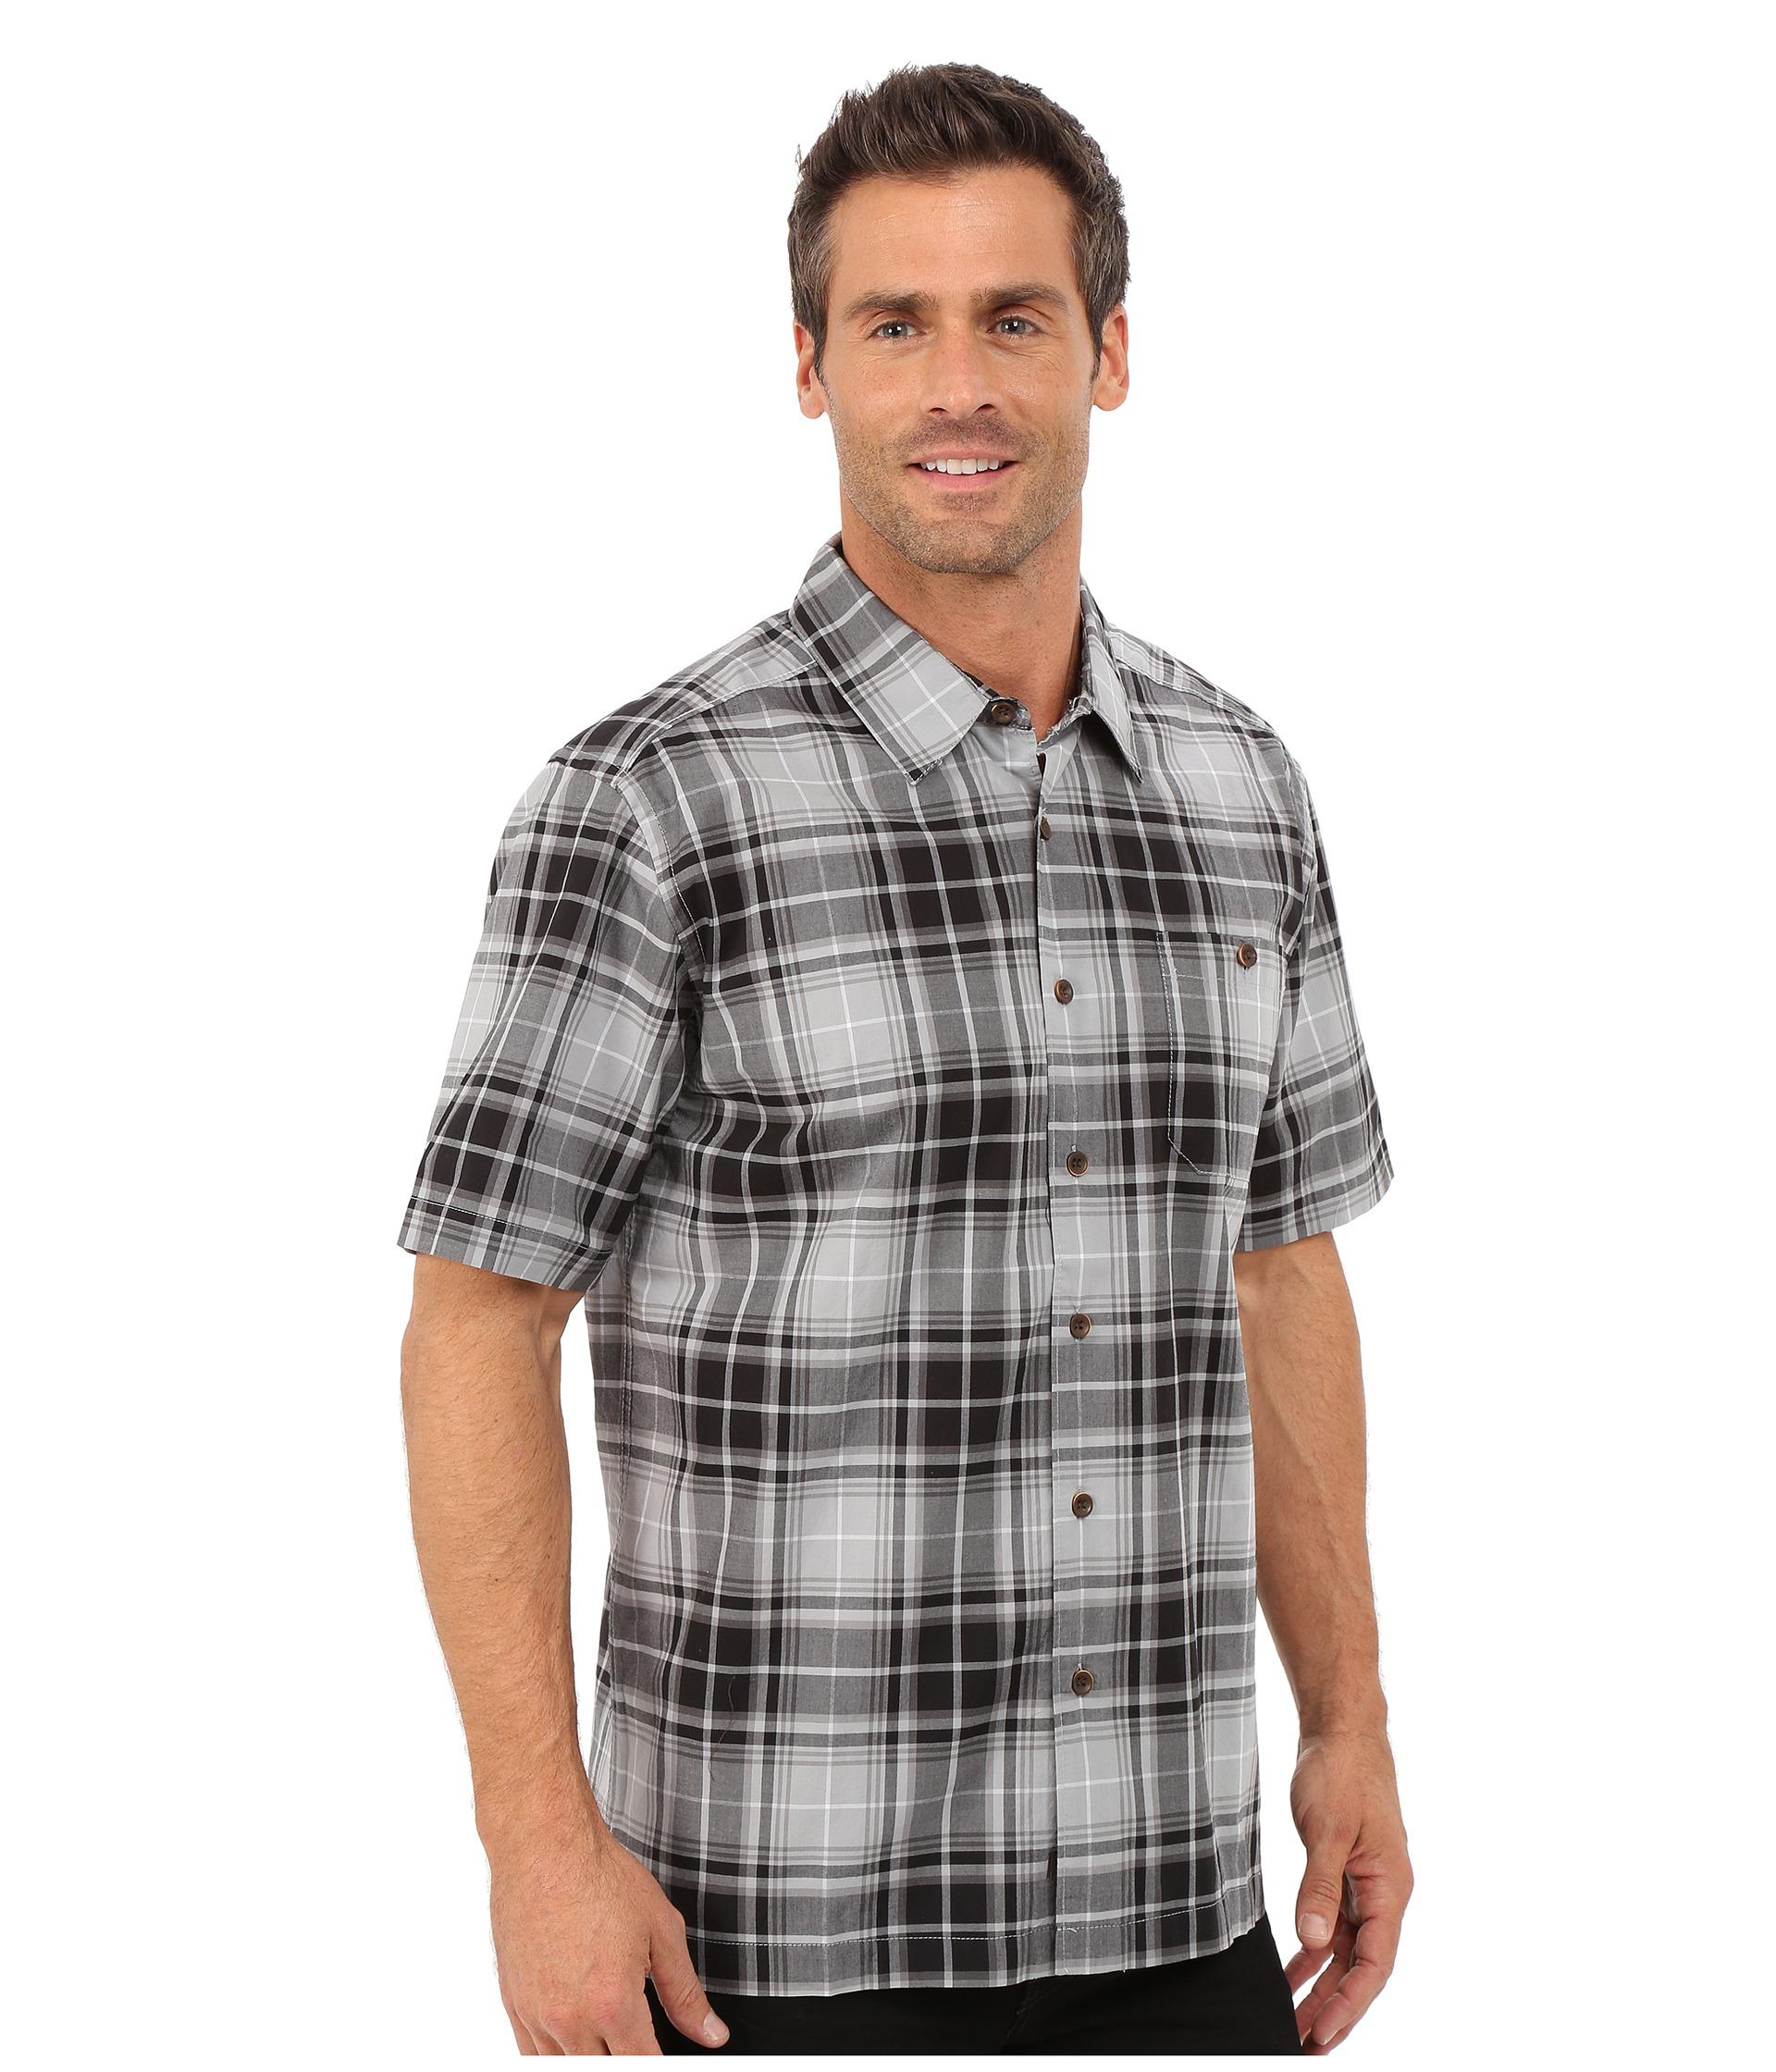 Zinc shirt design - Gallery